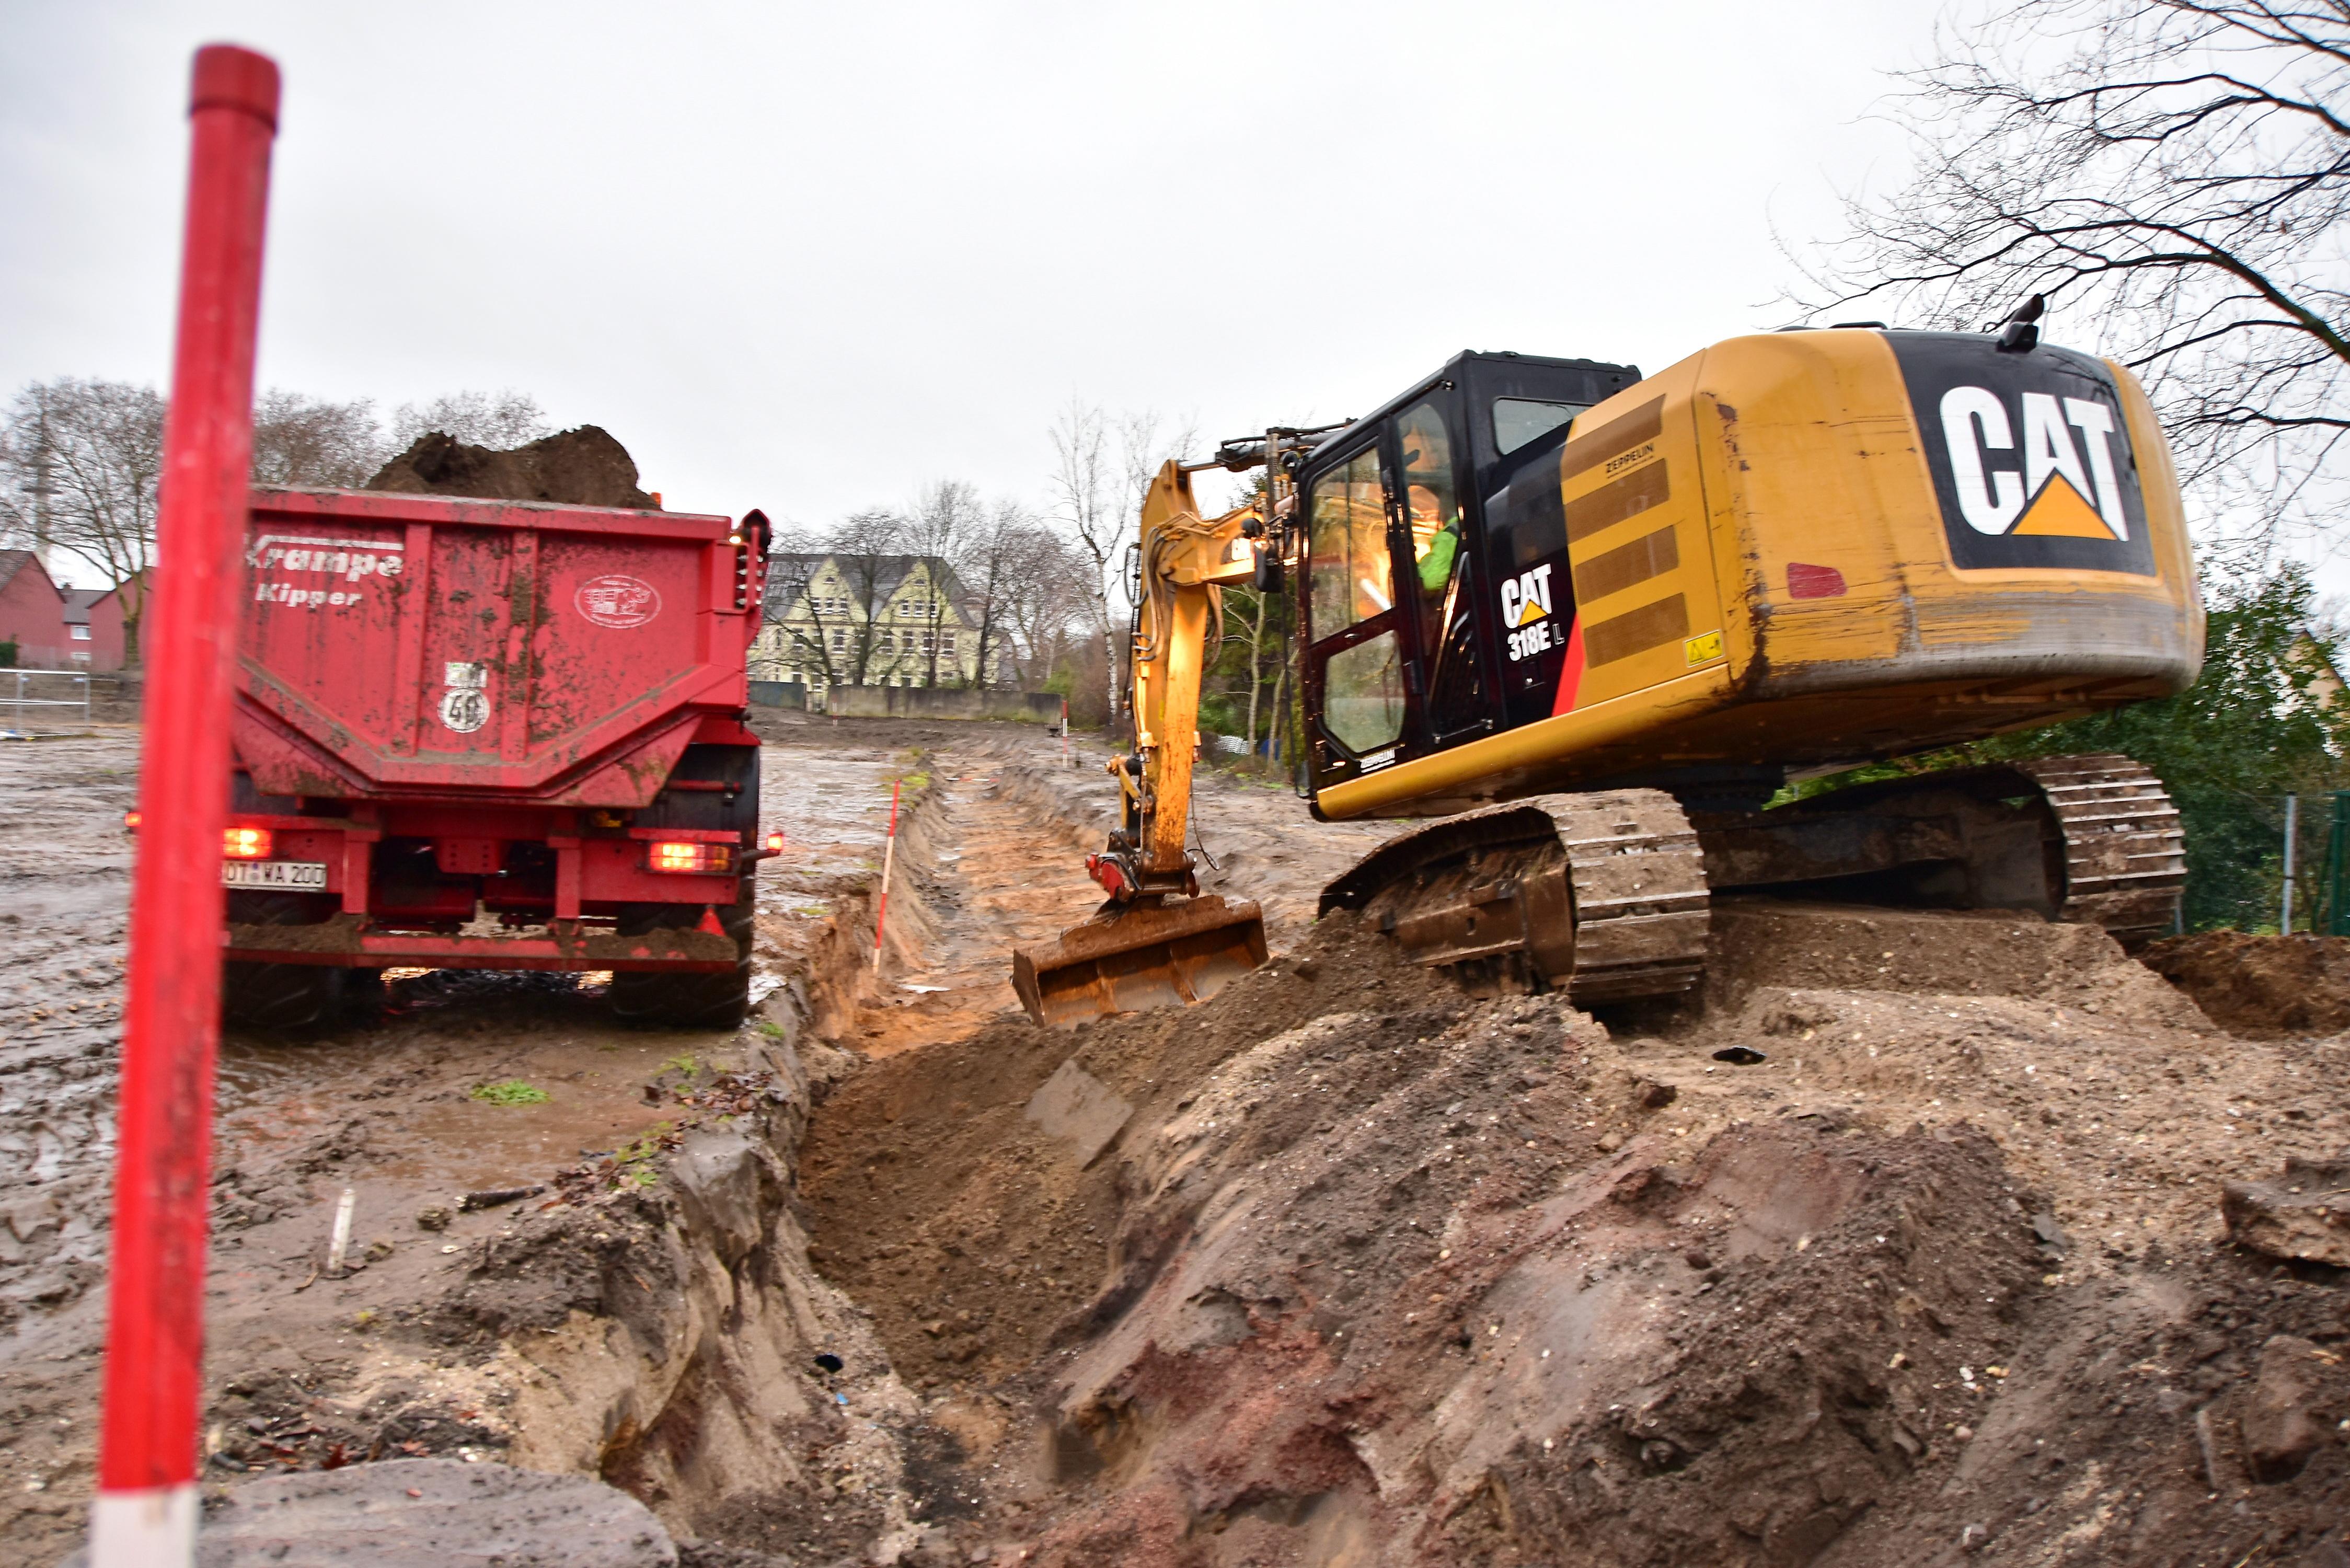 Bodenausbau, Dioxin, Dioxinsanierung, DTCOM GmbH, Dr. Dreschmann, Kieselrot, Kieselrotsanierung, Dioxinsanierung,